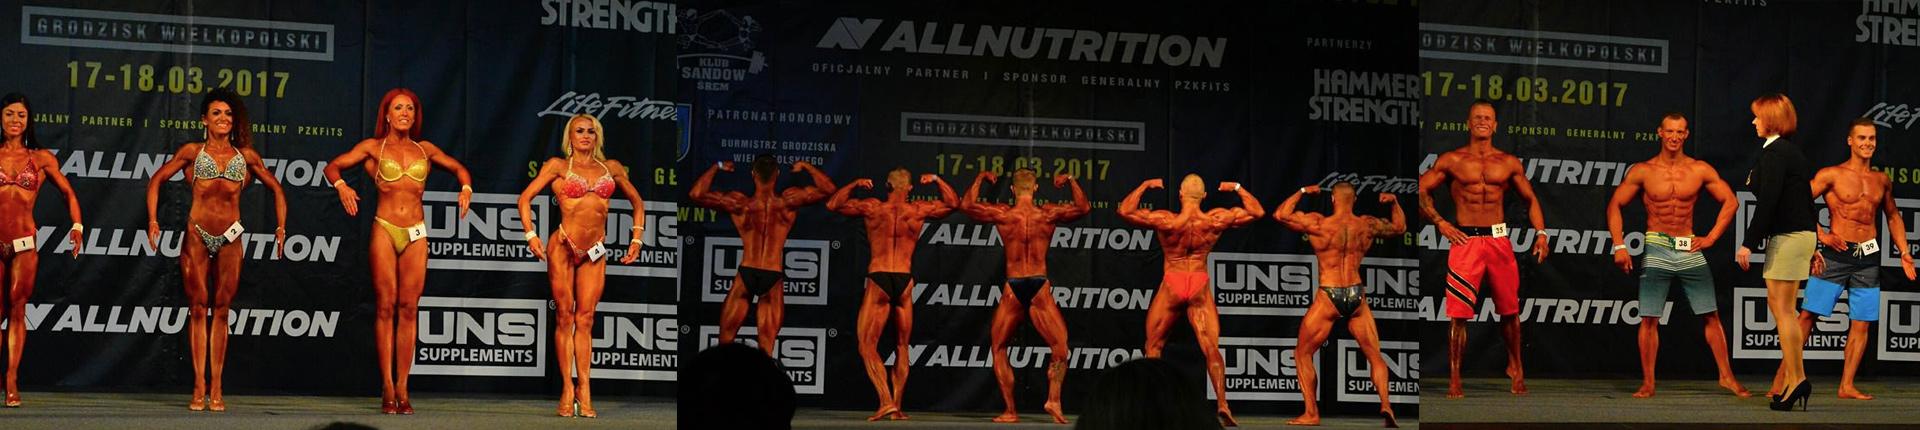 17-18.03.2017 Otwarte Mistrzostwa Wielkopolski – Grodzisk Wielkopolski